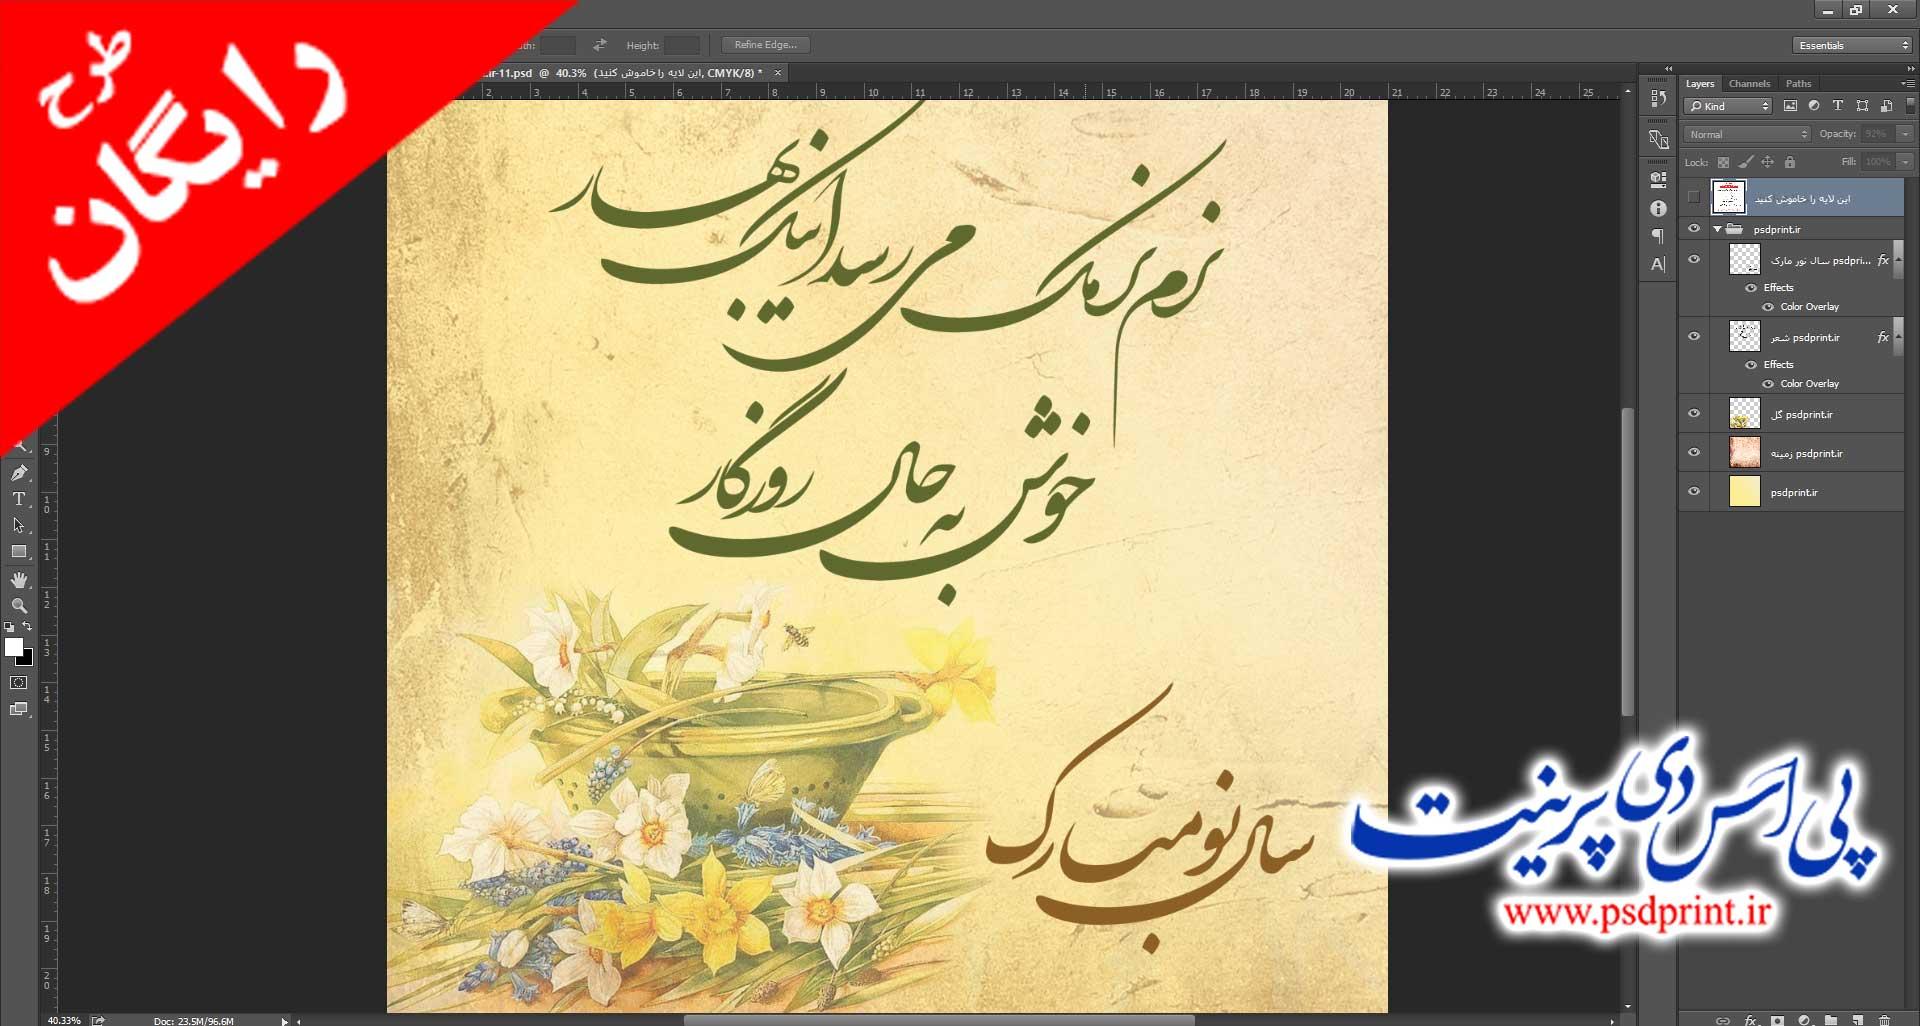 پوستر رایگان لایه باز عید نوروز